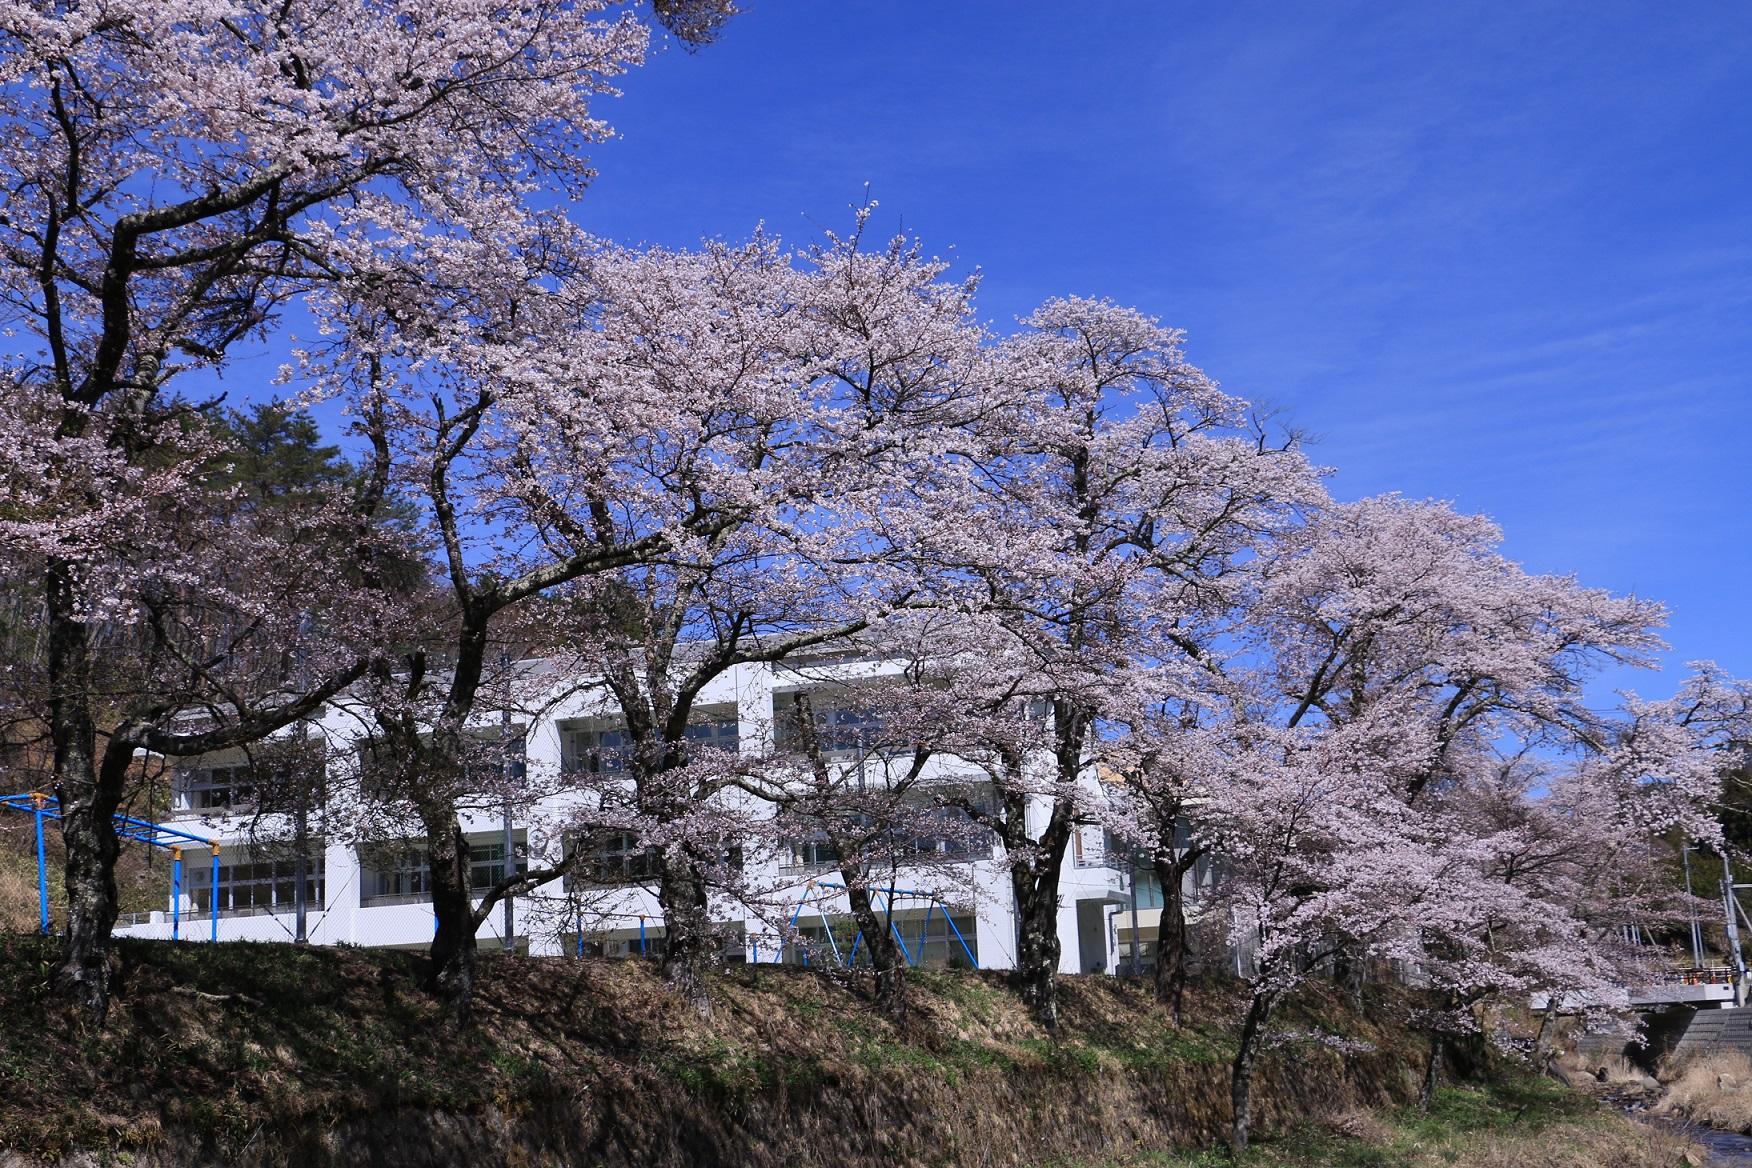 葛尾村の風景画像